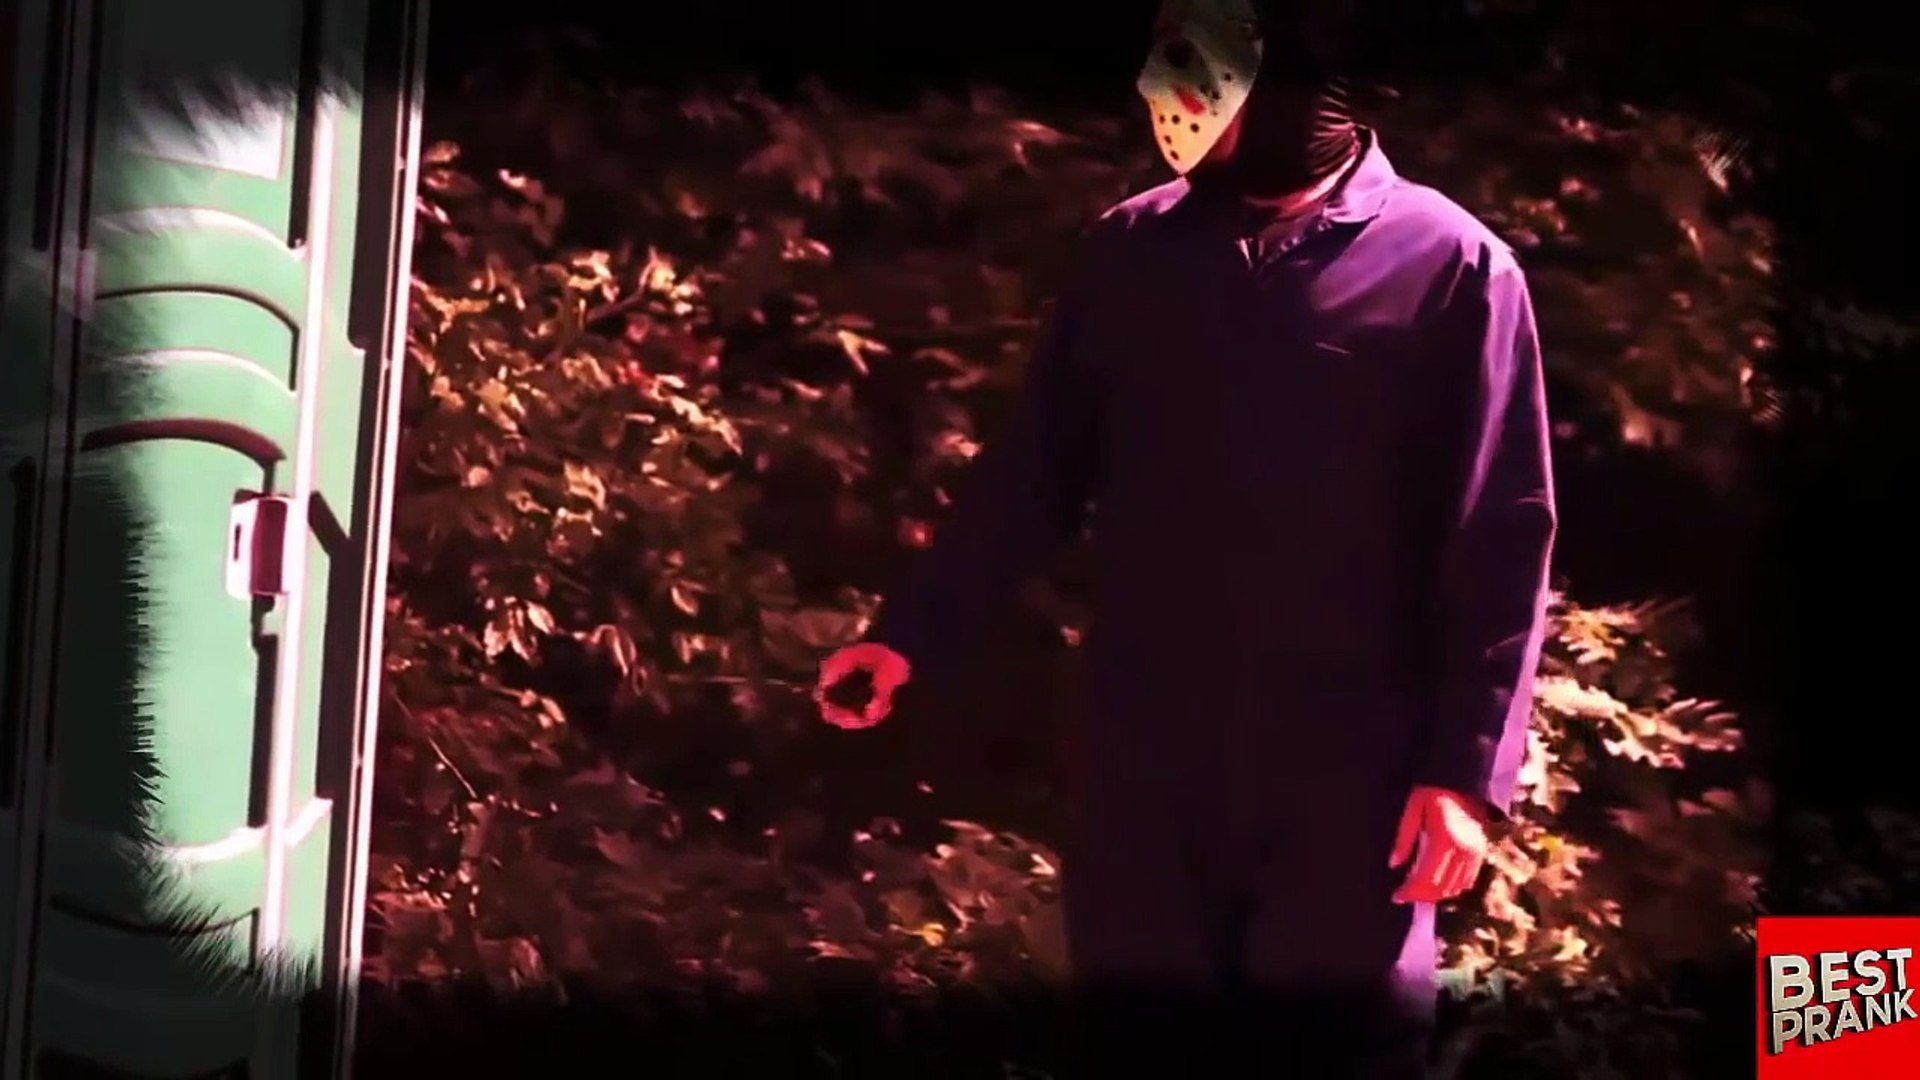 Scary Pranks - Funniest Scare Pranks - Top Scary Pranks